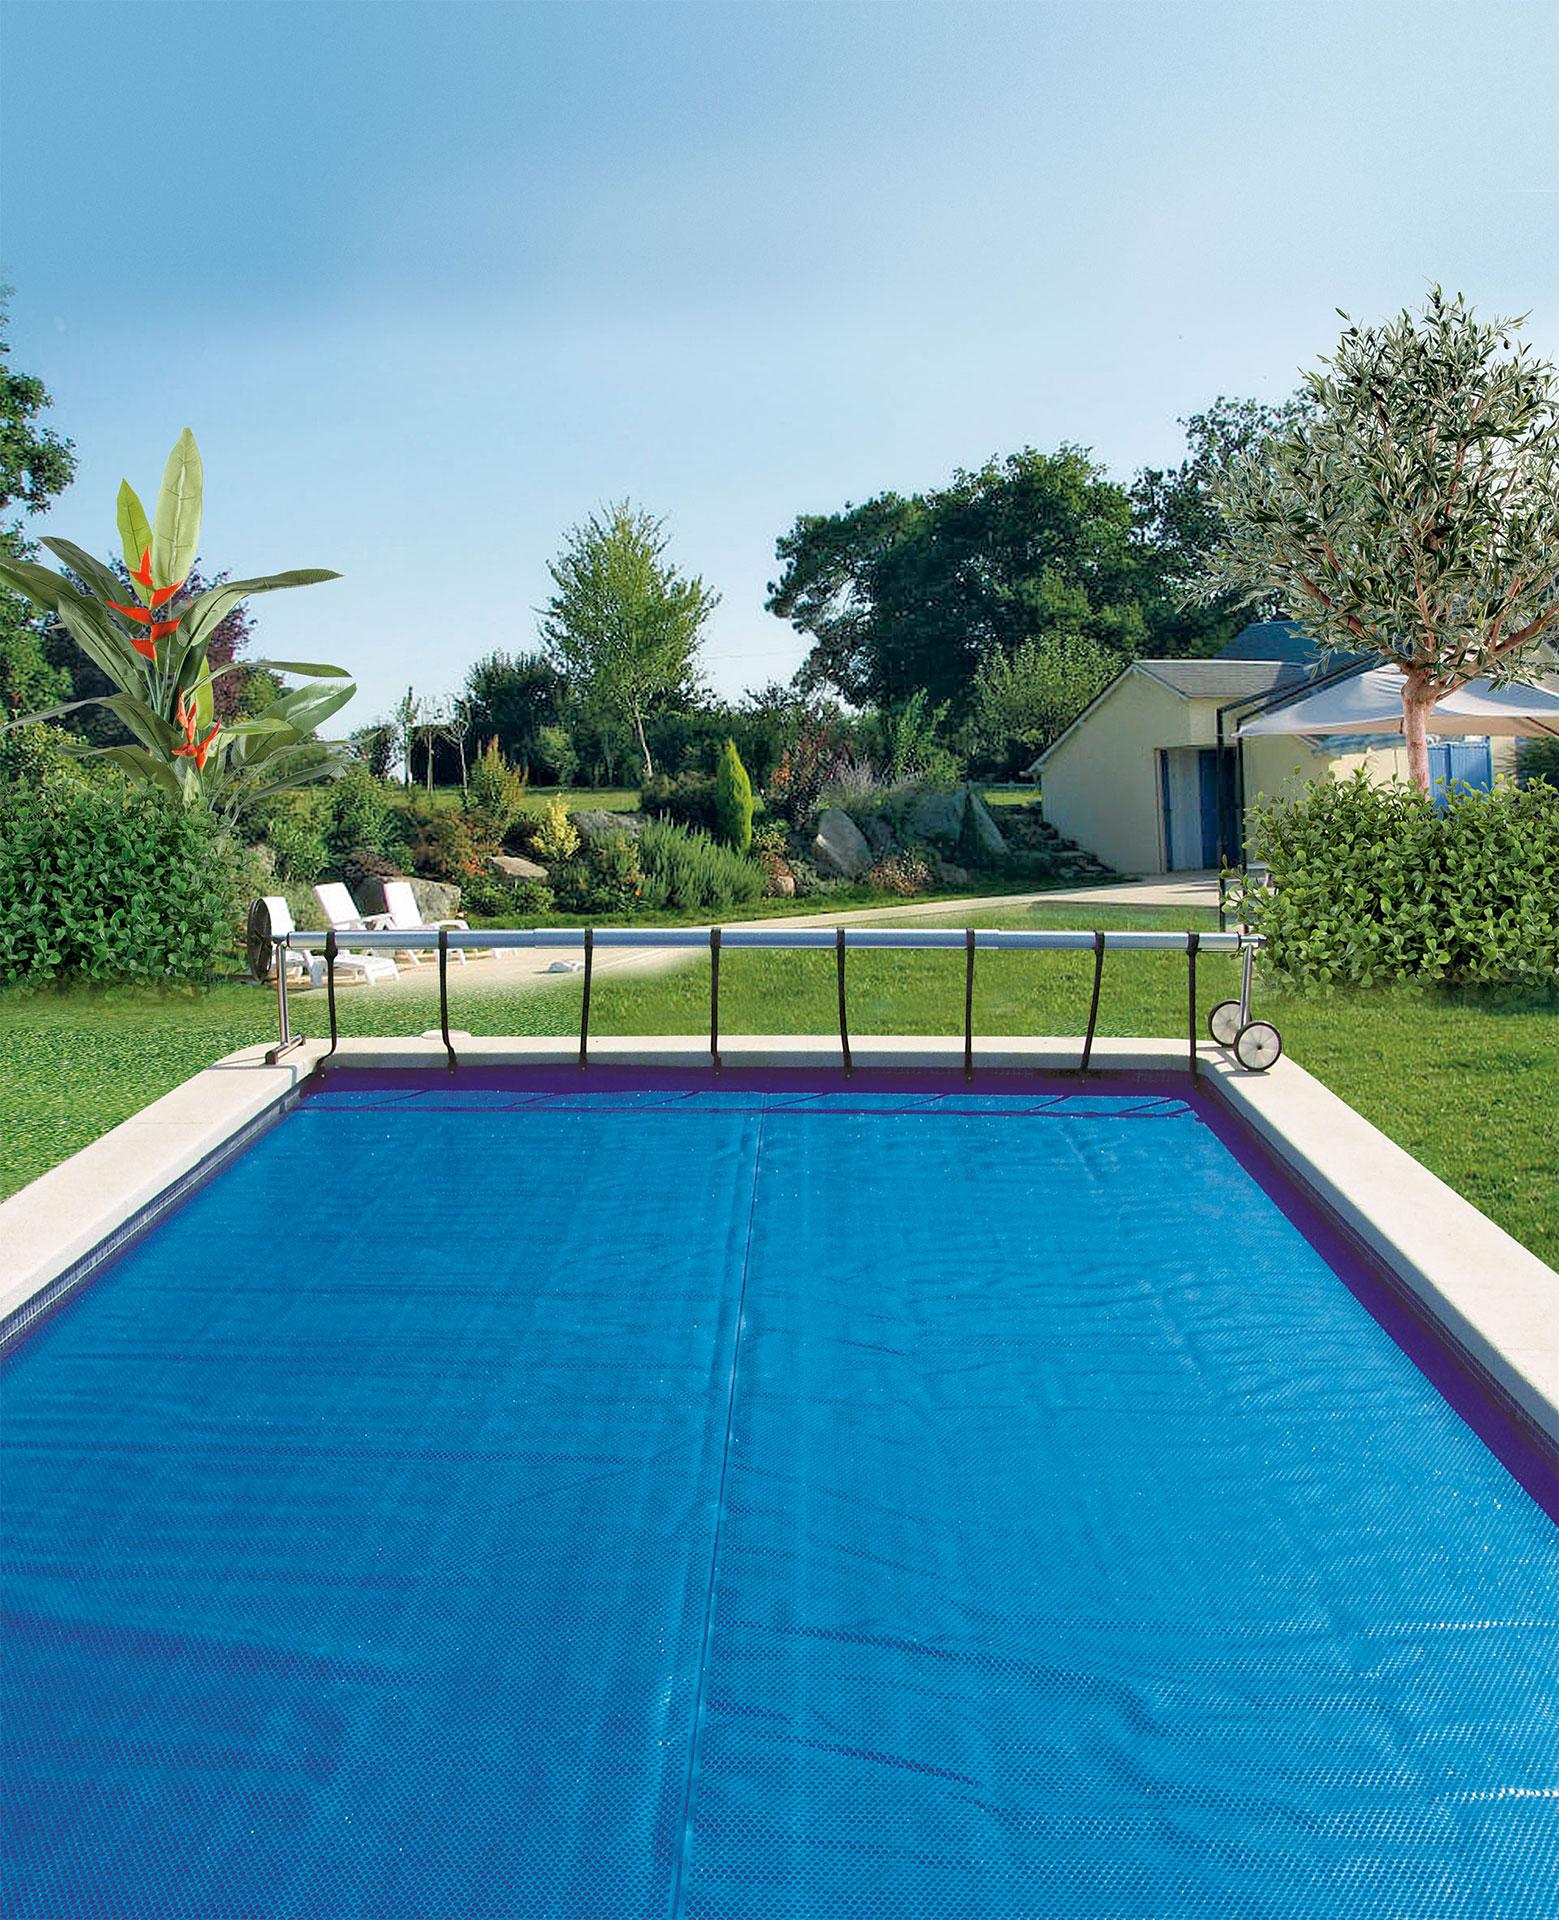 b che bulles sur mesure pour piscine b che paisse. Black Bedroom Furniture Sets. Home Design Ideas